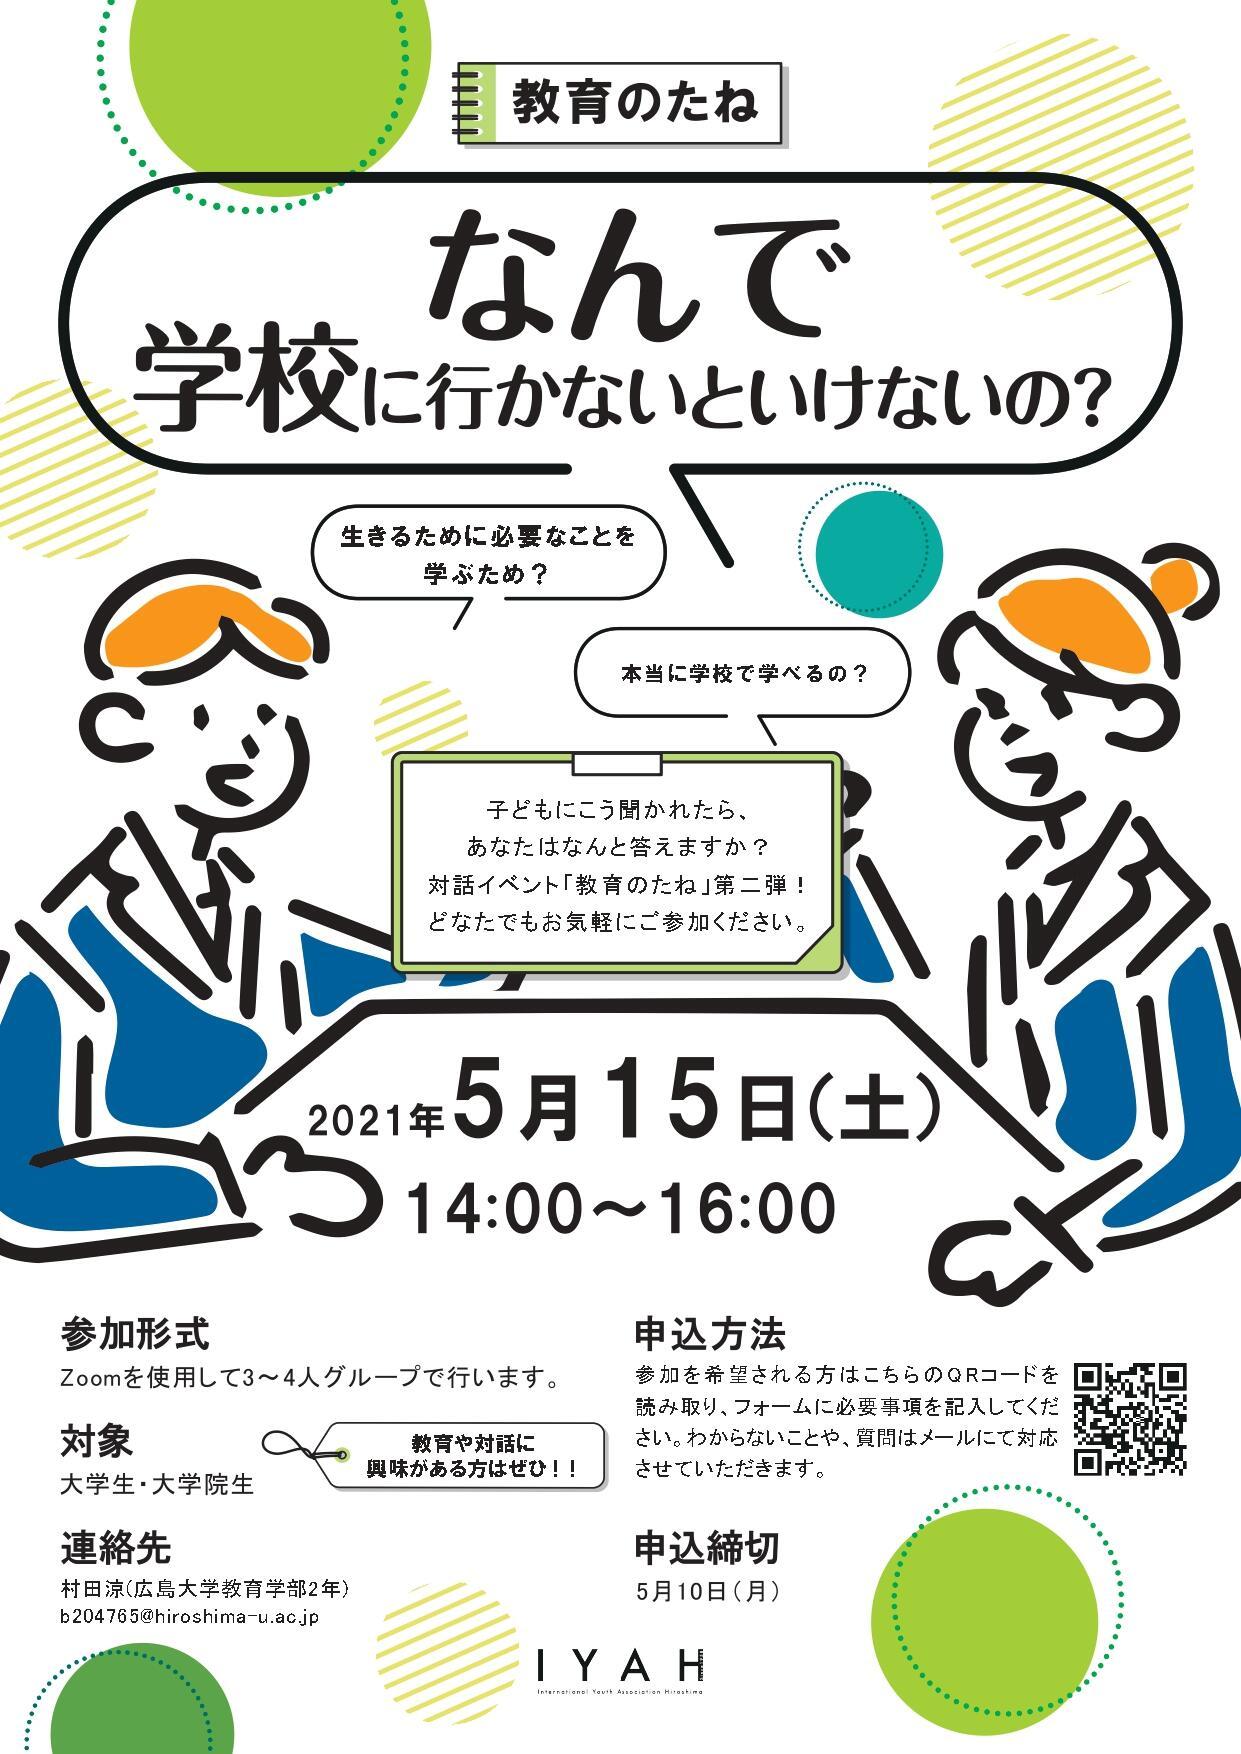 【みんなで考えよう】対話イベント「教育のたね」開催!